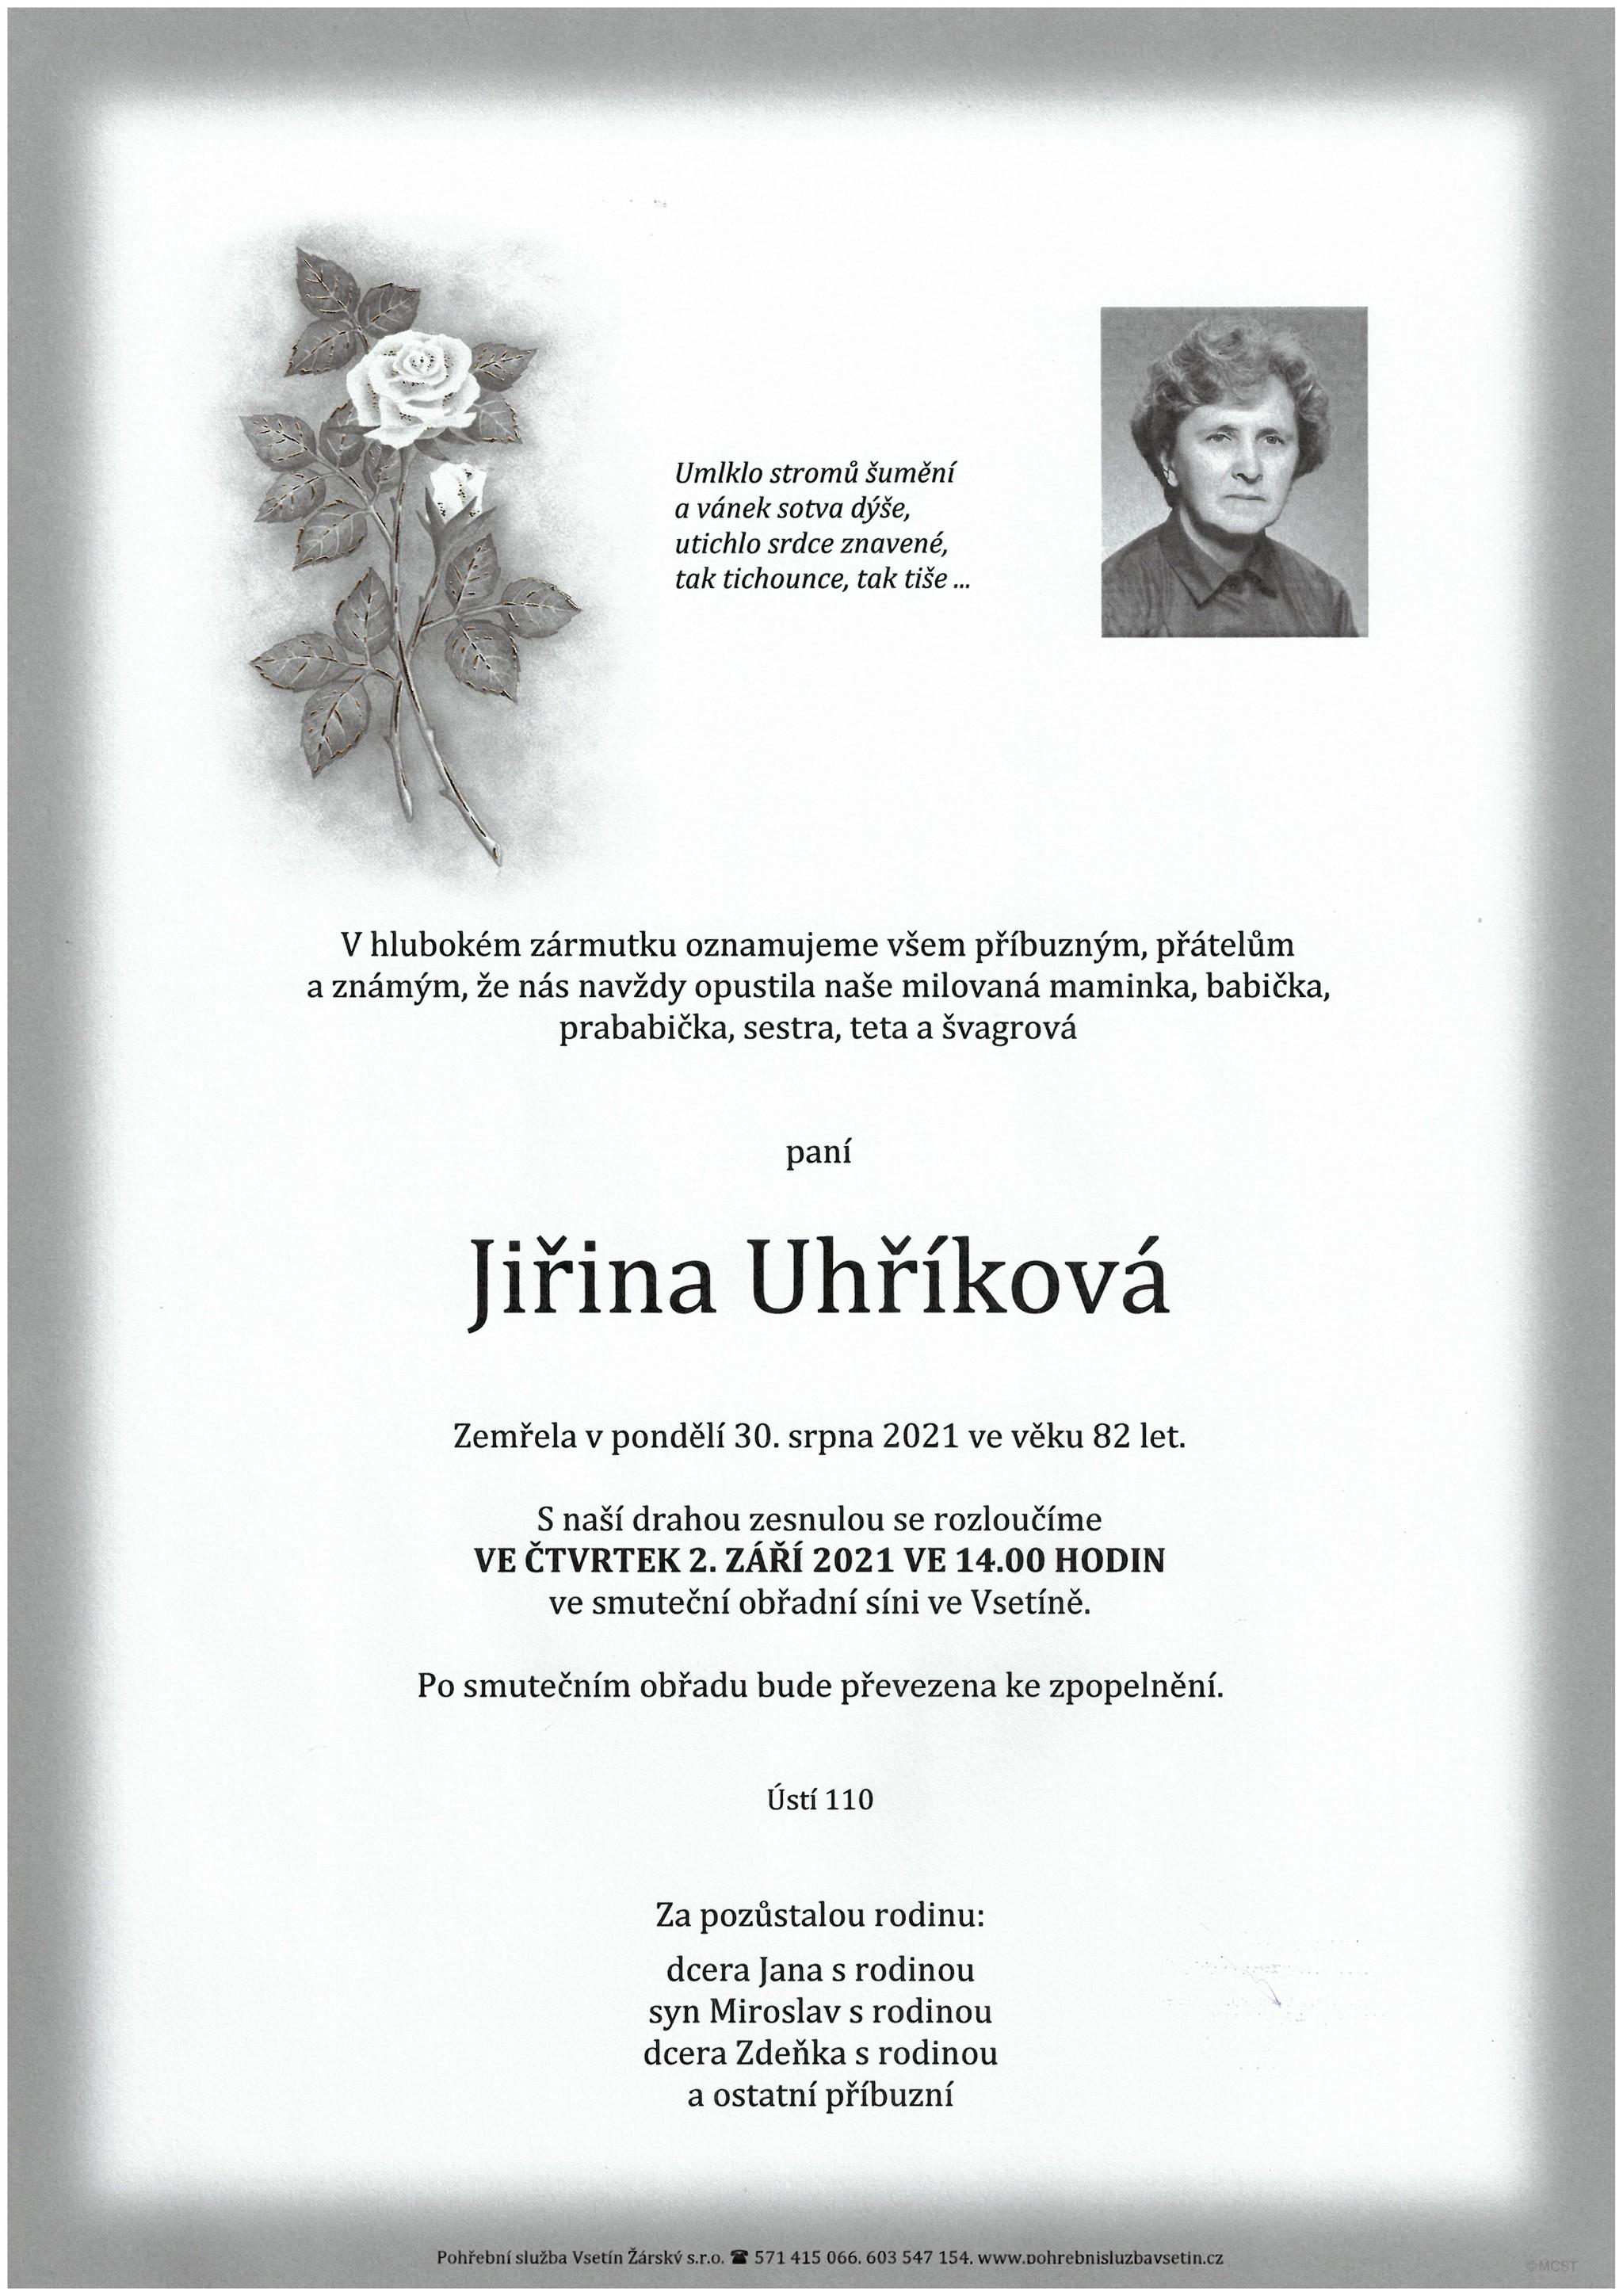 Jiřina Uhříková